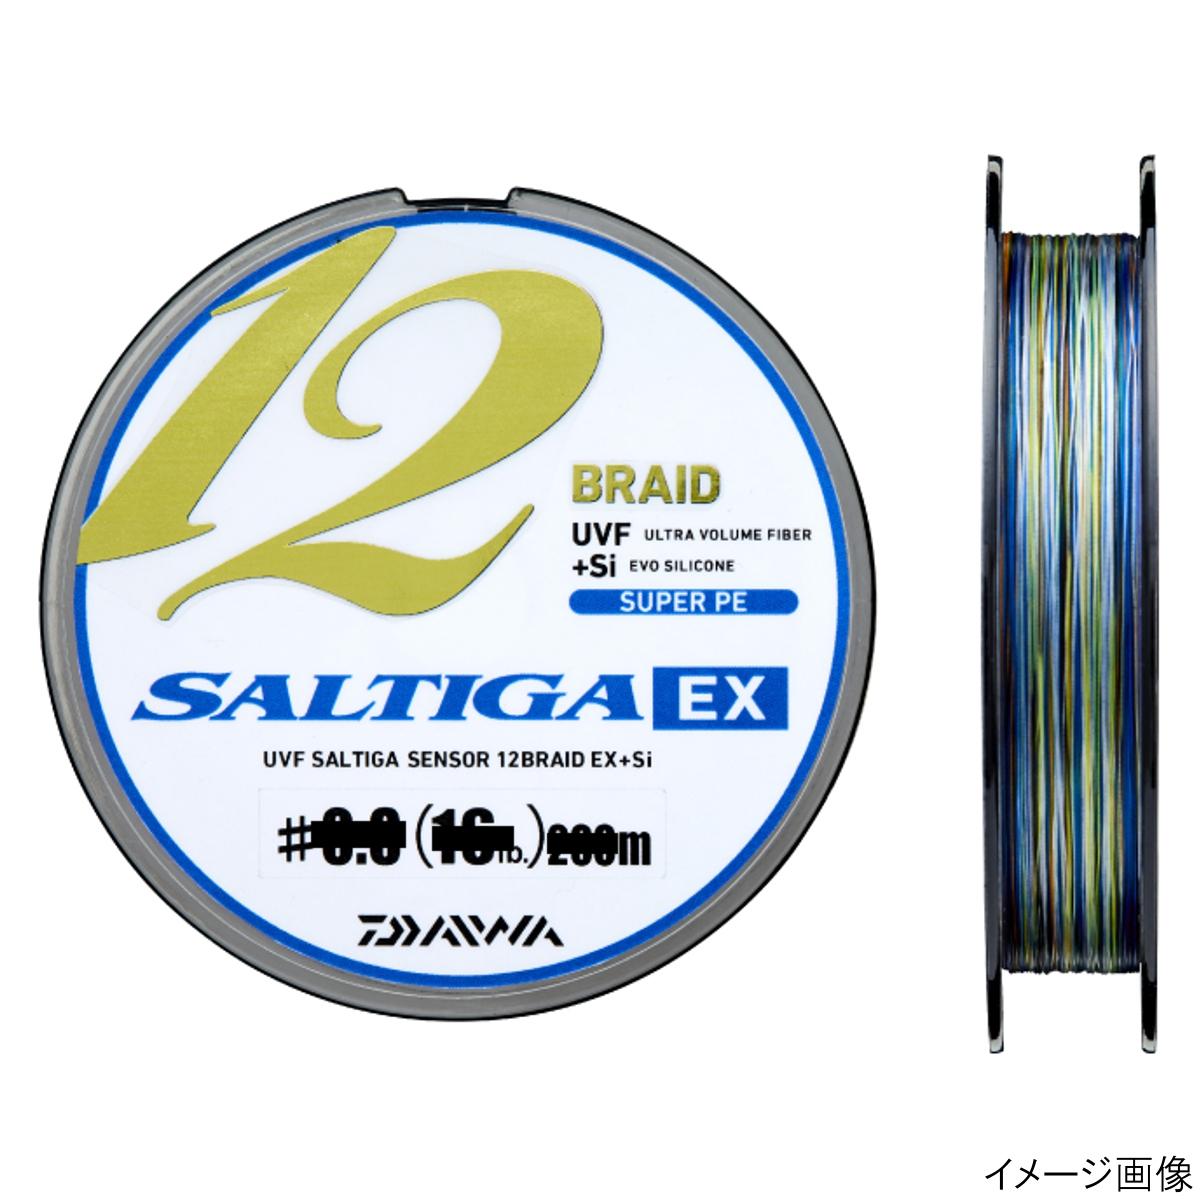 ダイワ UVF ソルティガセンサー 12ブレイドEX+Si 300m 5号(東日本店)